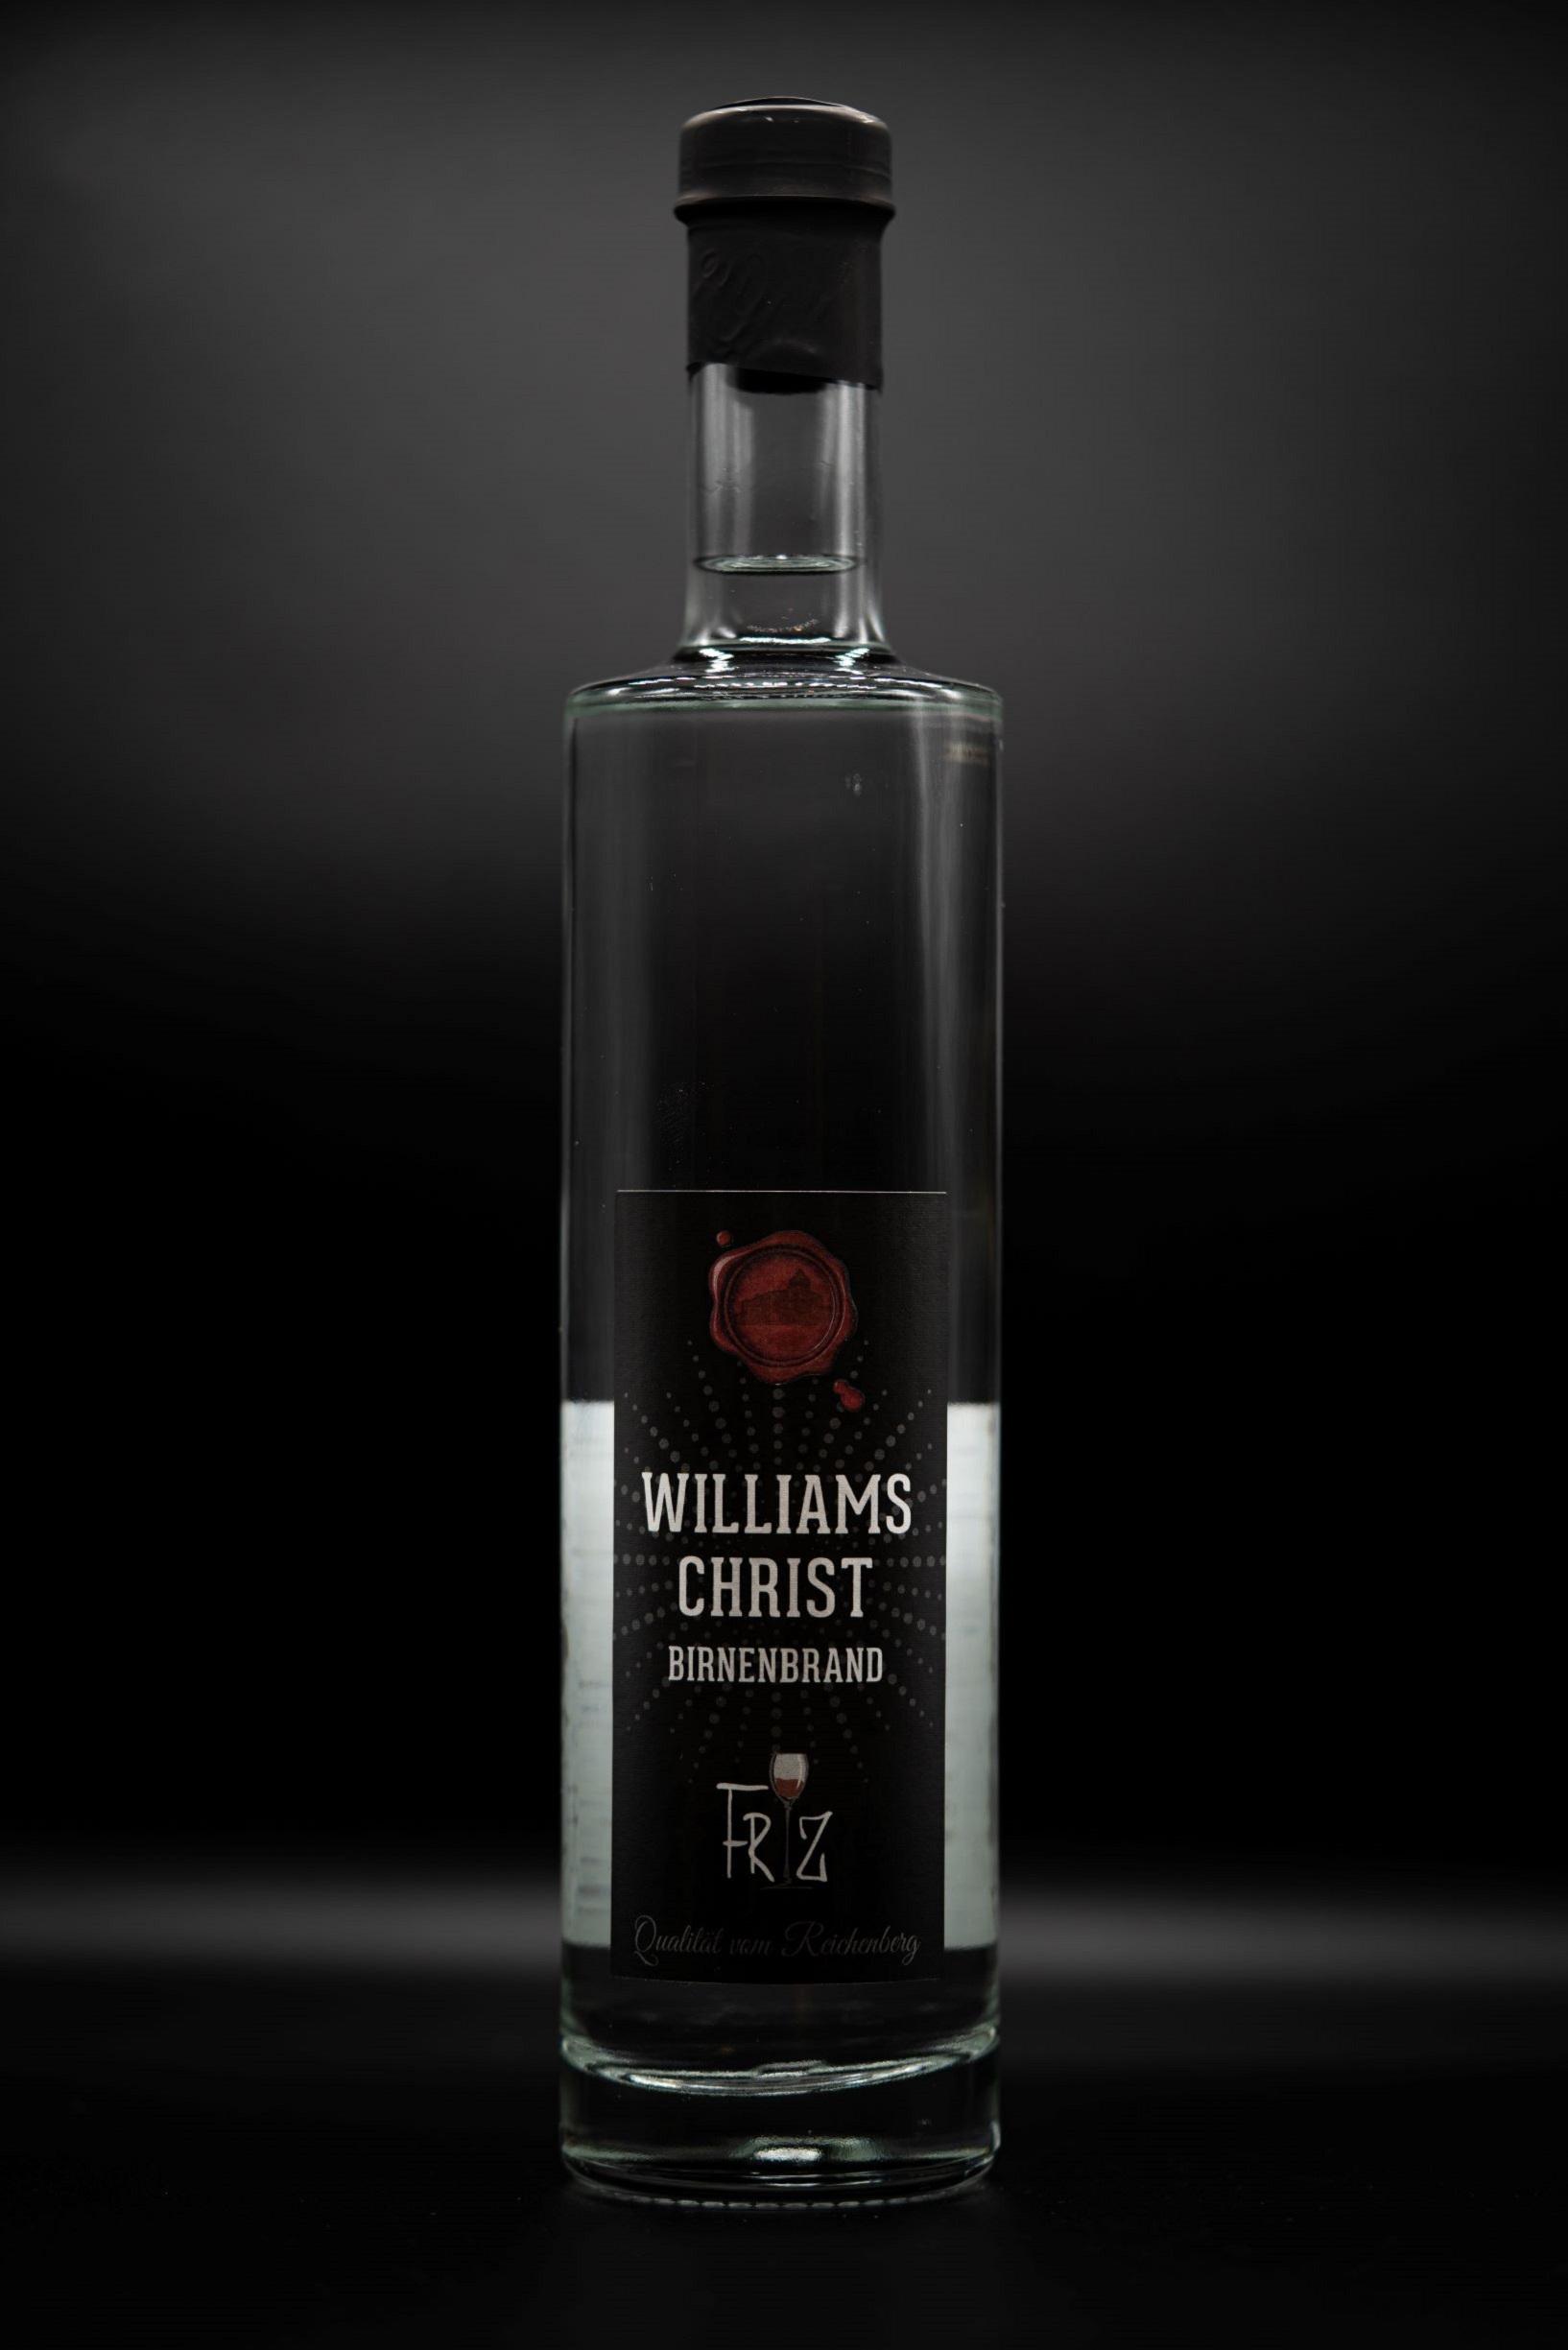 Williamschrist Birnenbrand